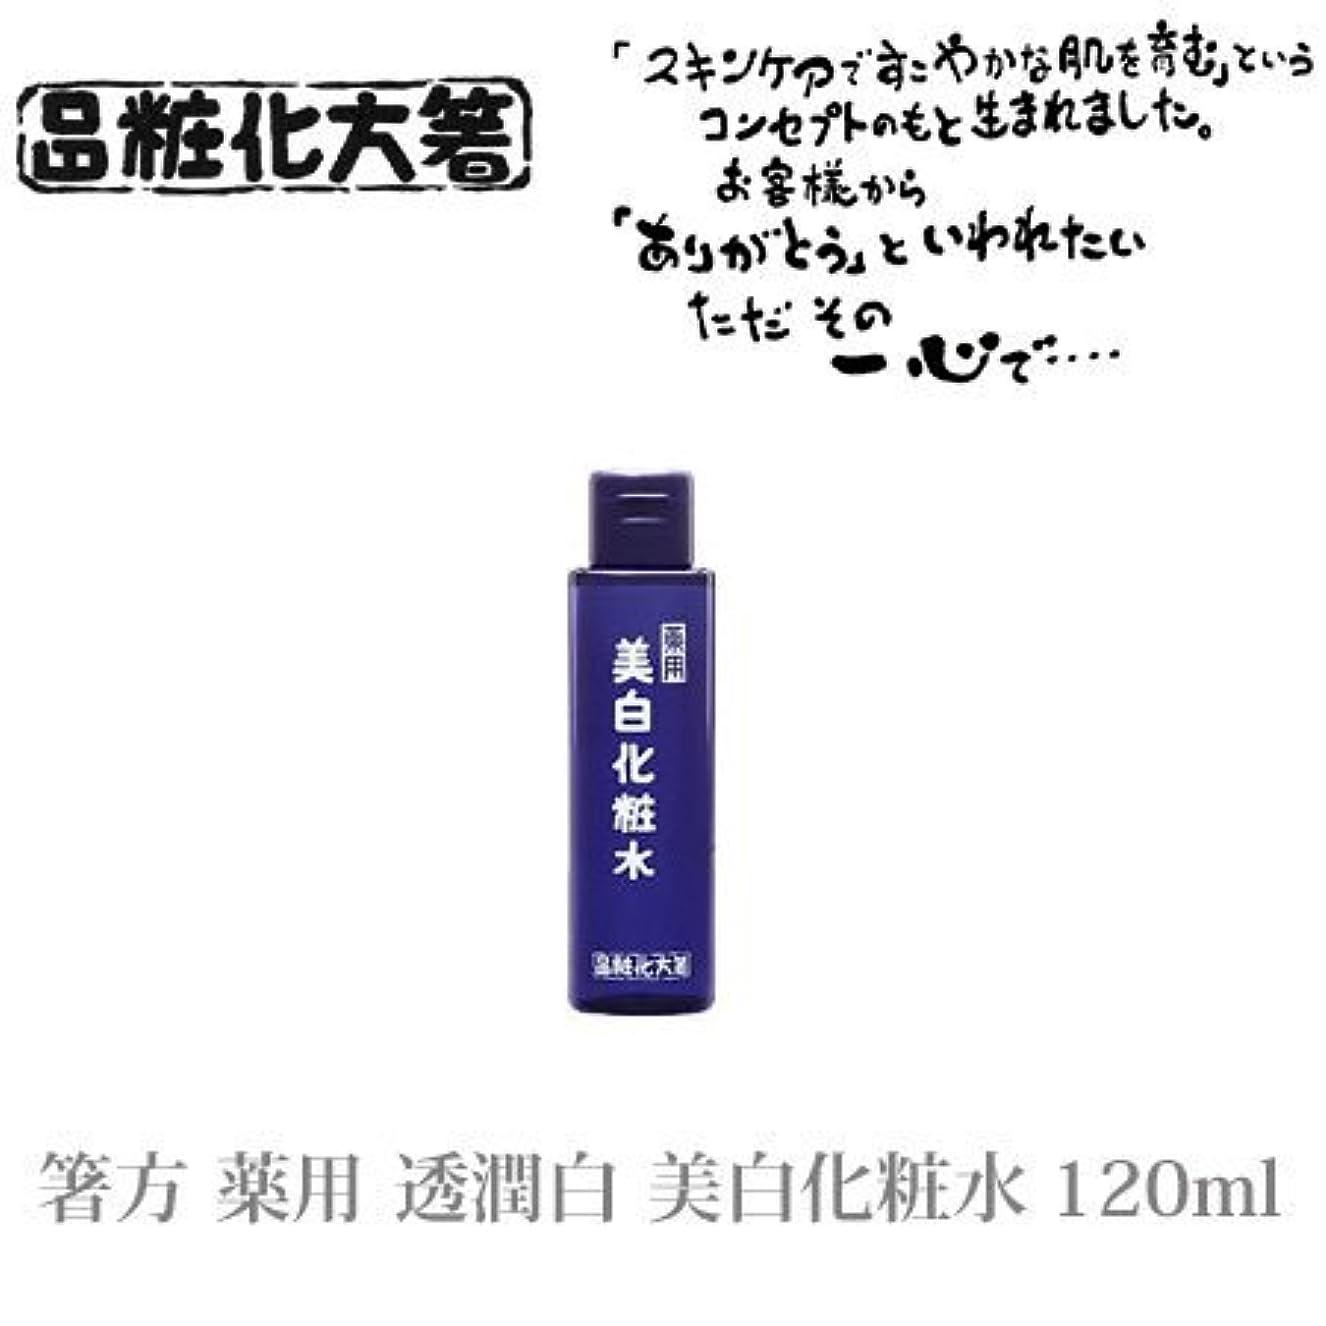 レンダー進化一節箸方化粧品 薬用 透潤白 美白化粧水 120ml はしかた化粧品